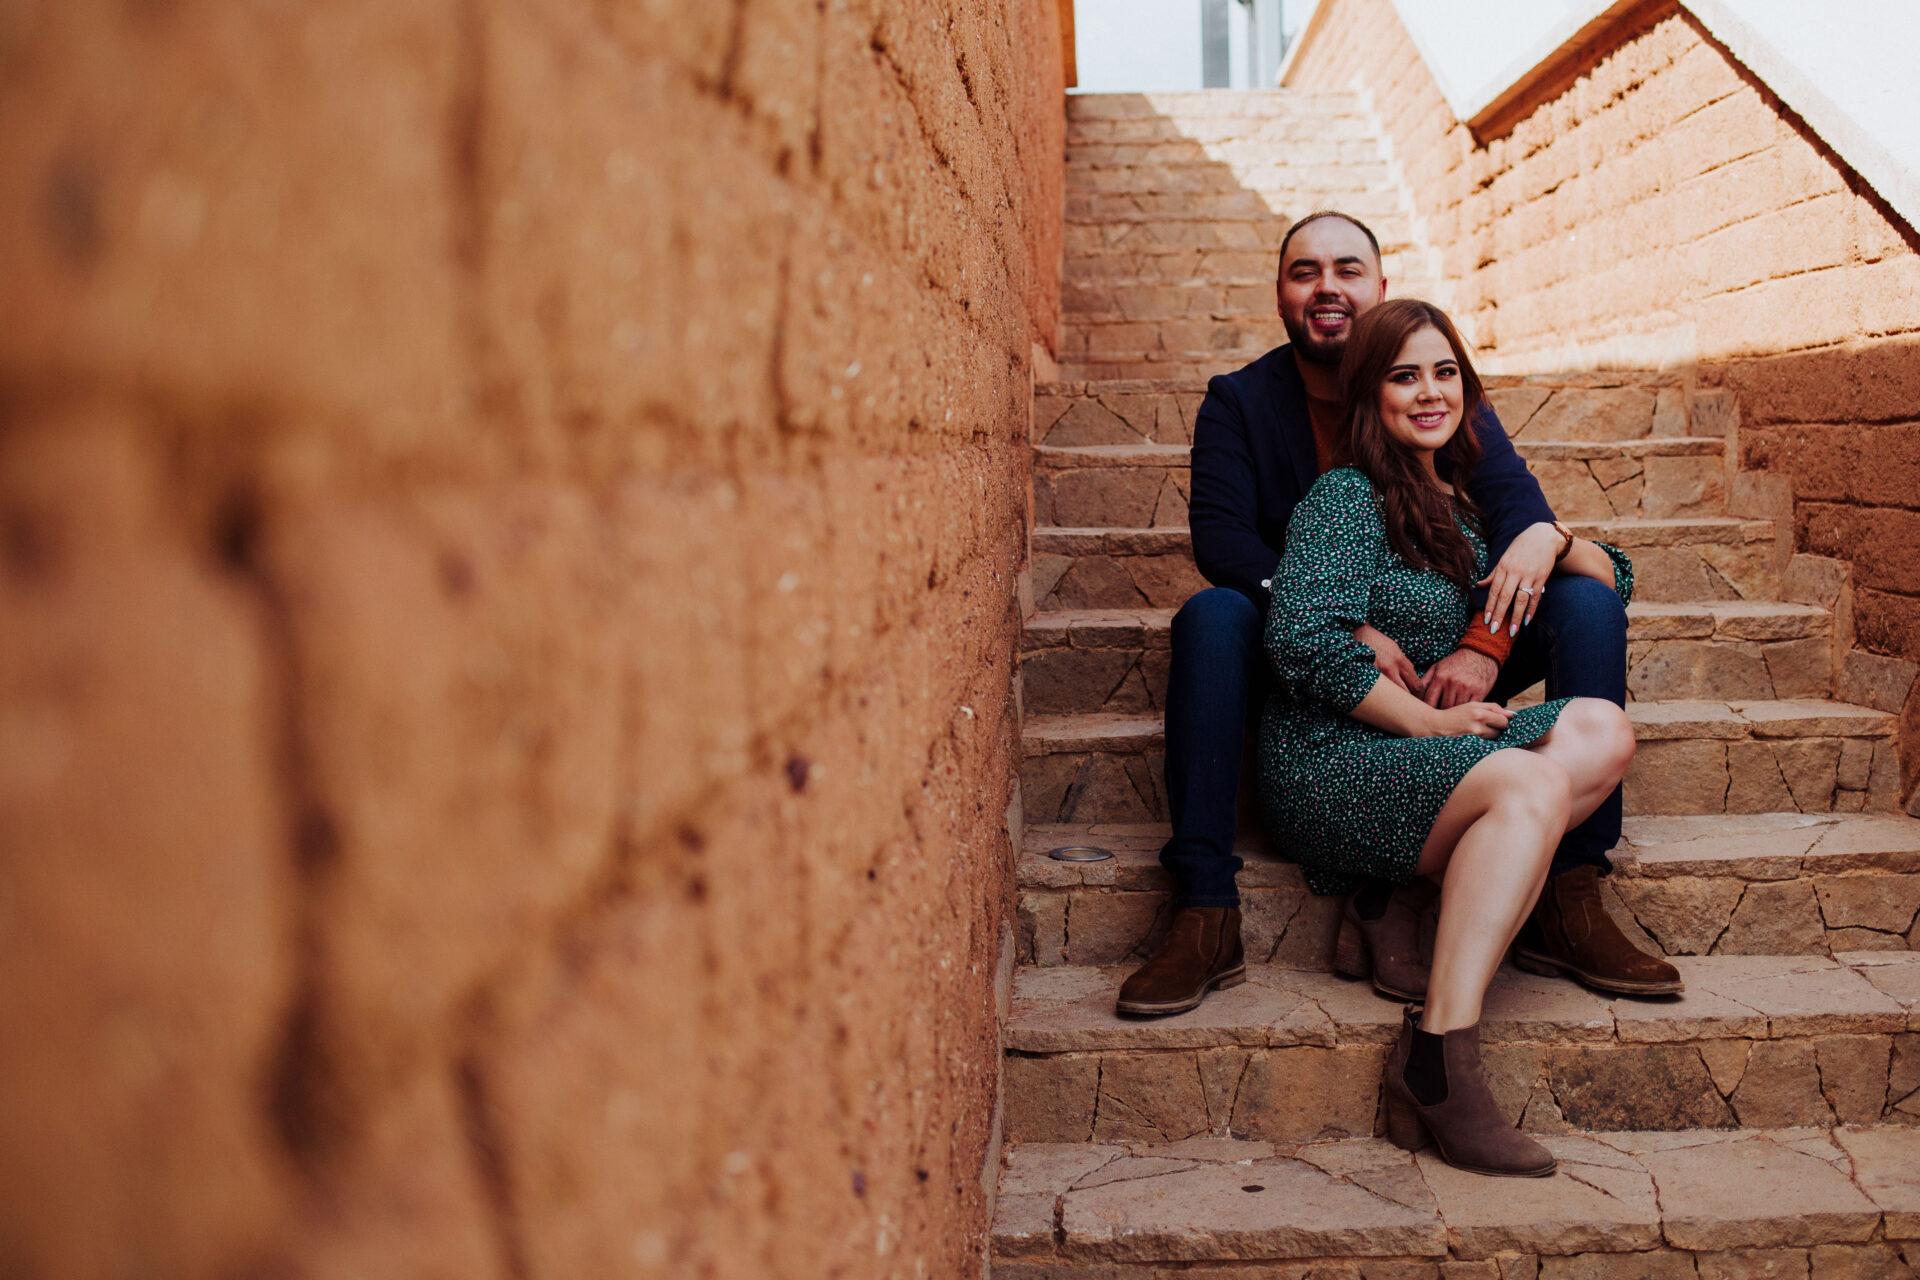 javier_noriega_fotografo_save_the_date_tierra_adentro_zacatecas_wedding_photographer8